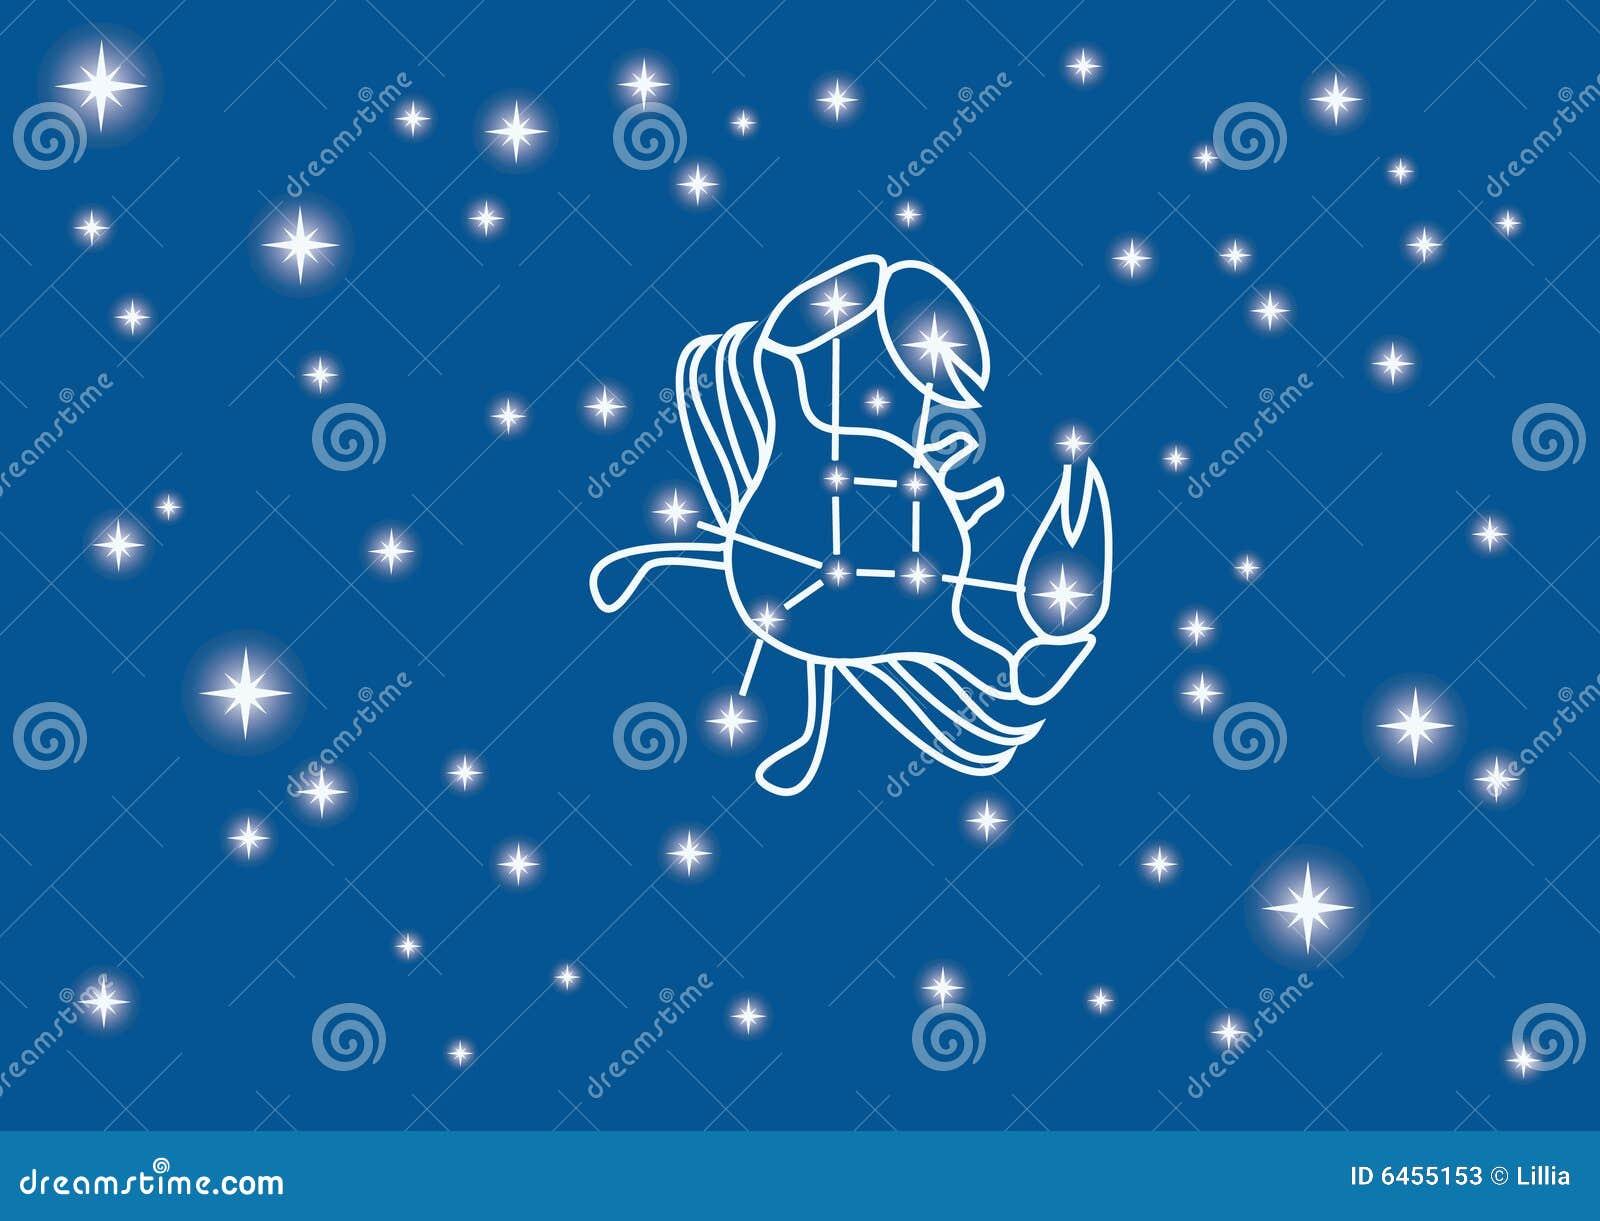 Constellation raka